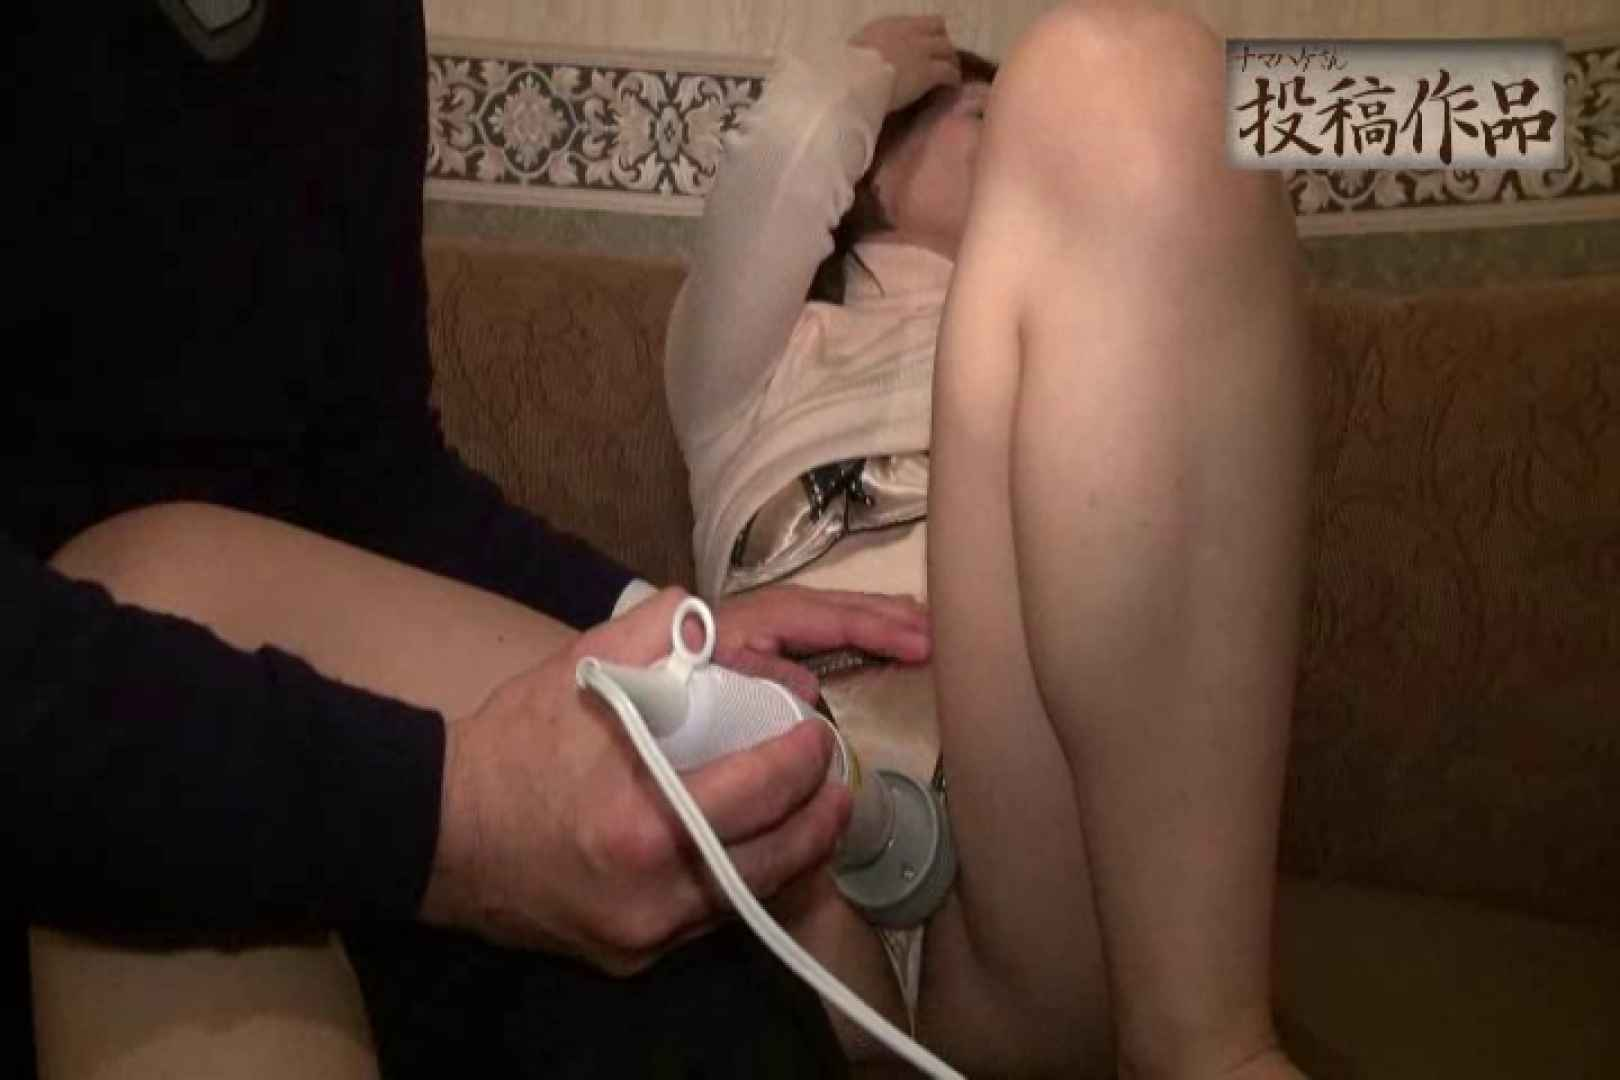 ナマハゲさんのまんこコレクション第二章 reiko 盗撮 ヌード画像 103枚 42